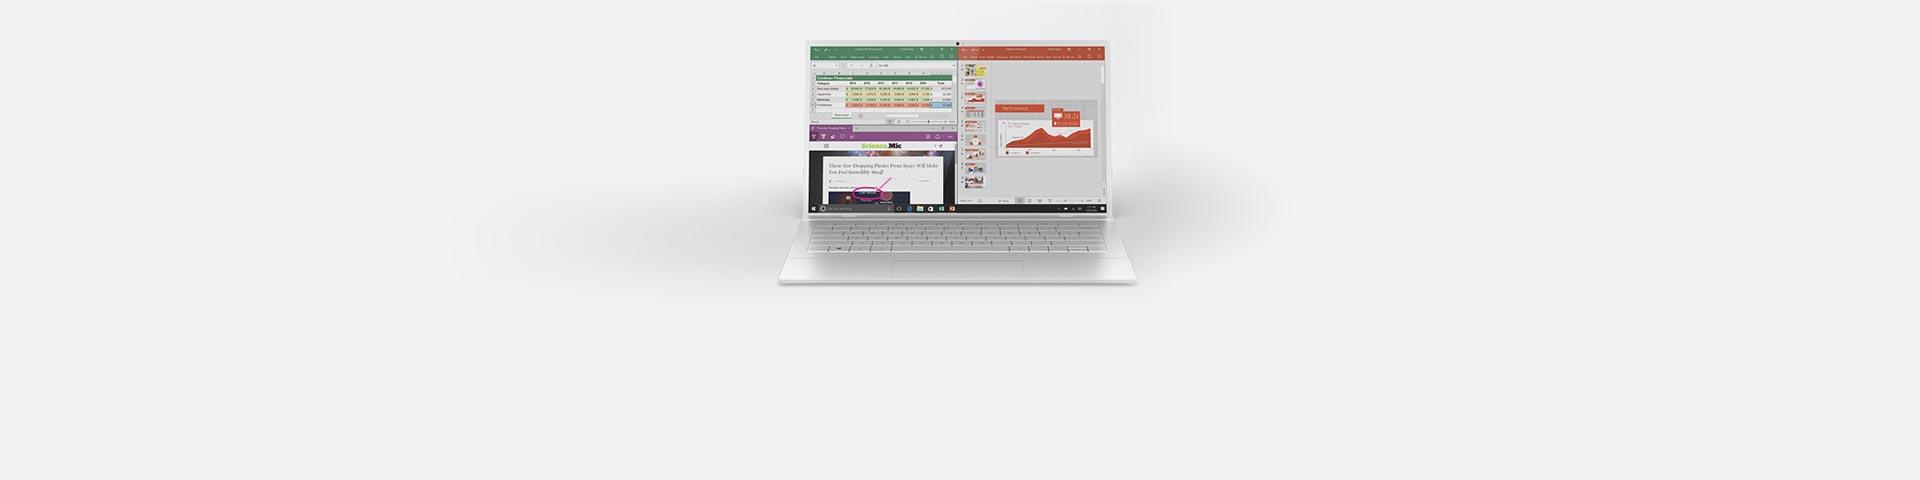 螢幕上顯示 Office 應用程式的筆記型電腦